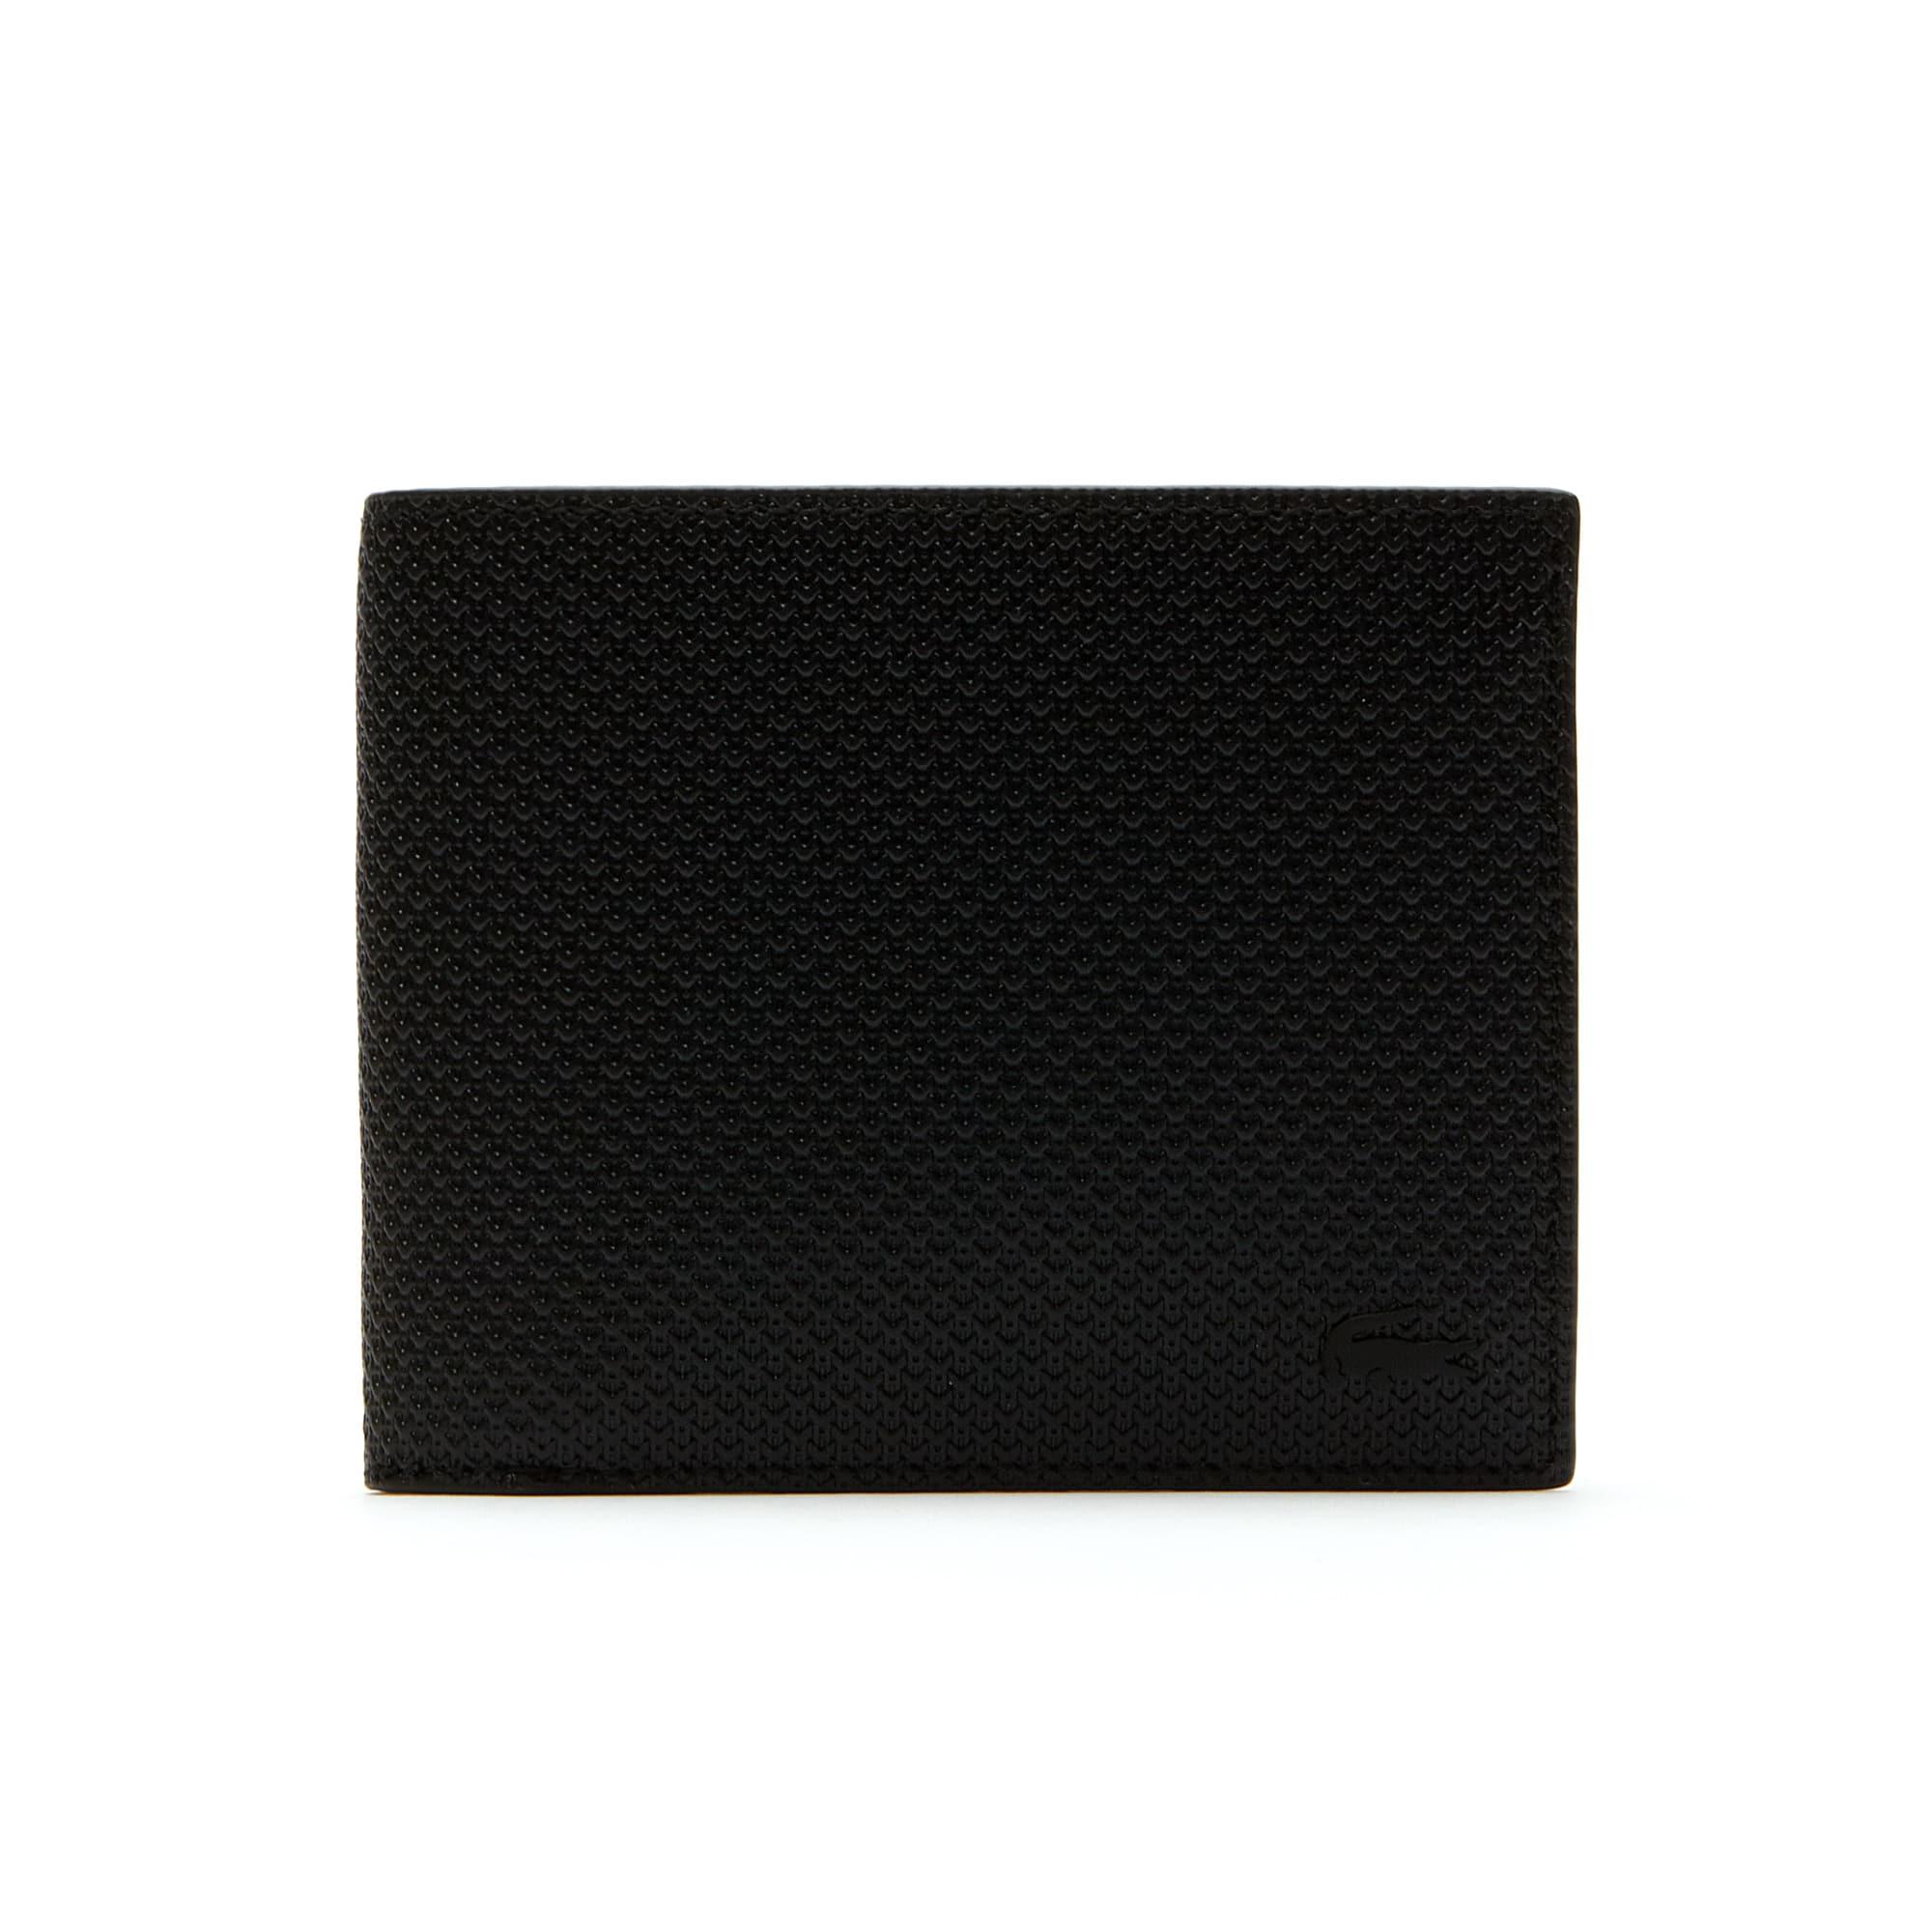 Herren-Brieftasche CHANTACO aus mattem Piqué-Leder